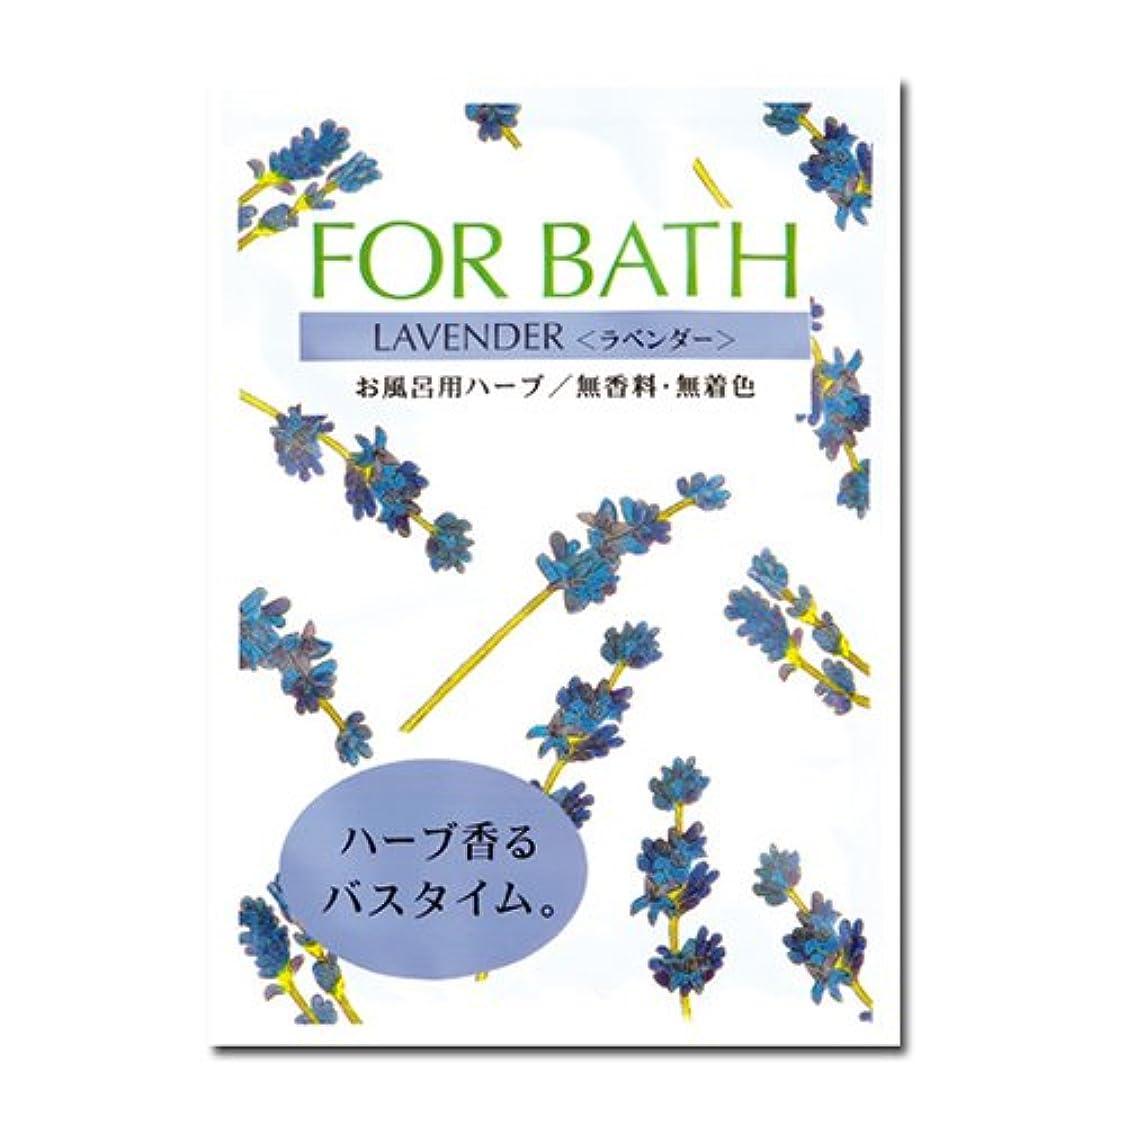 白鳥内なる文房具フォアバス ラベンダーx30袋[フォアバス/入浴剤/ハーブ]